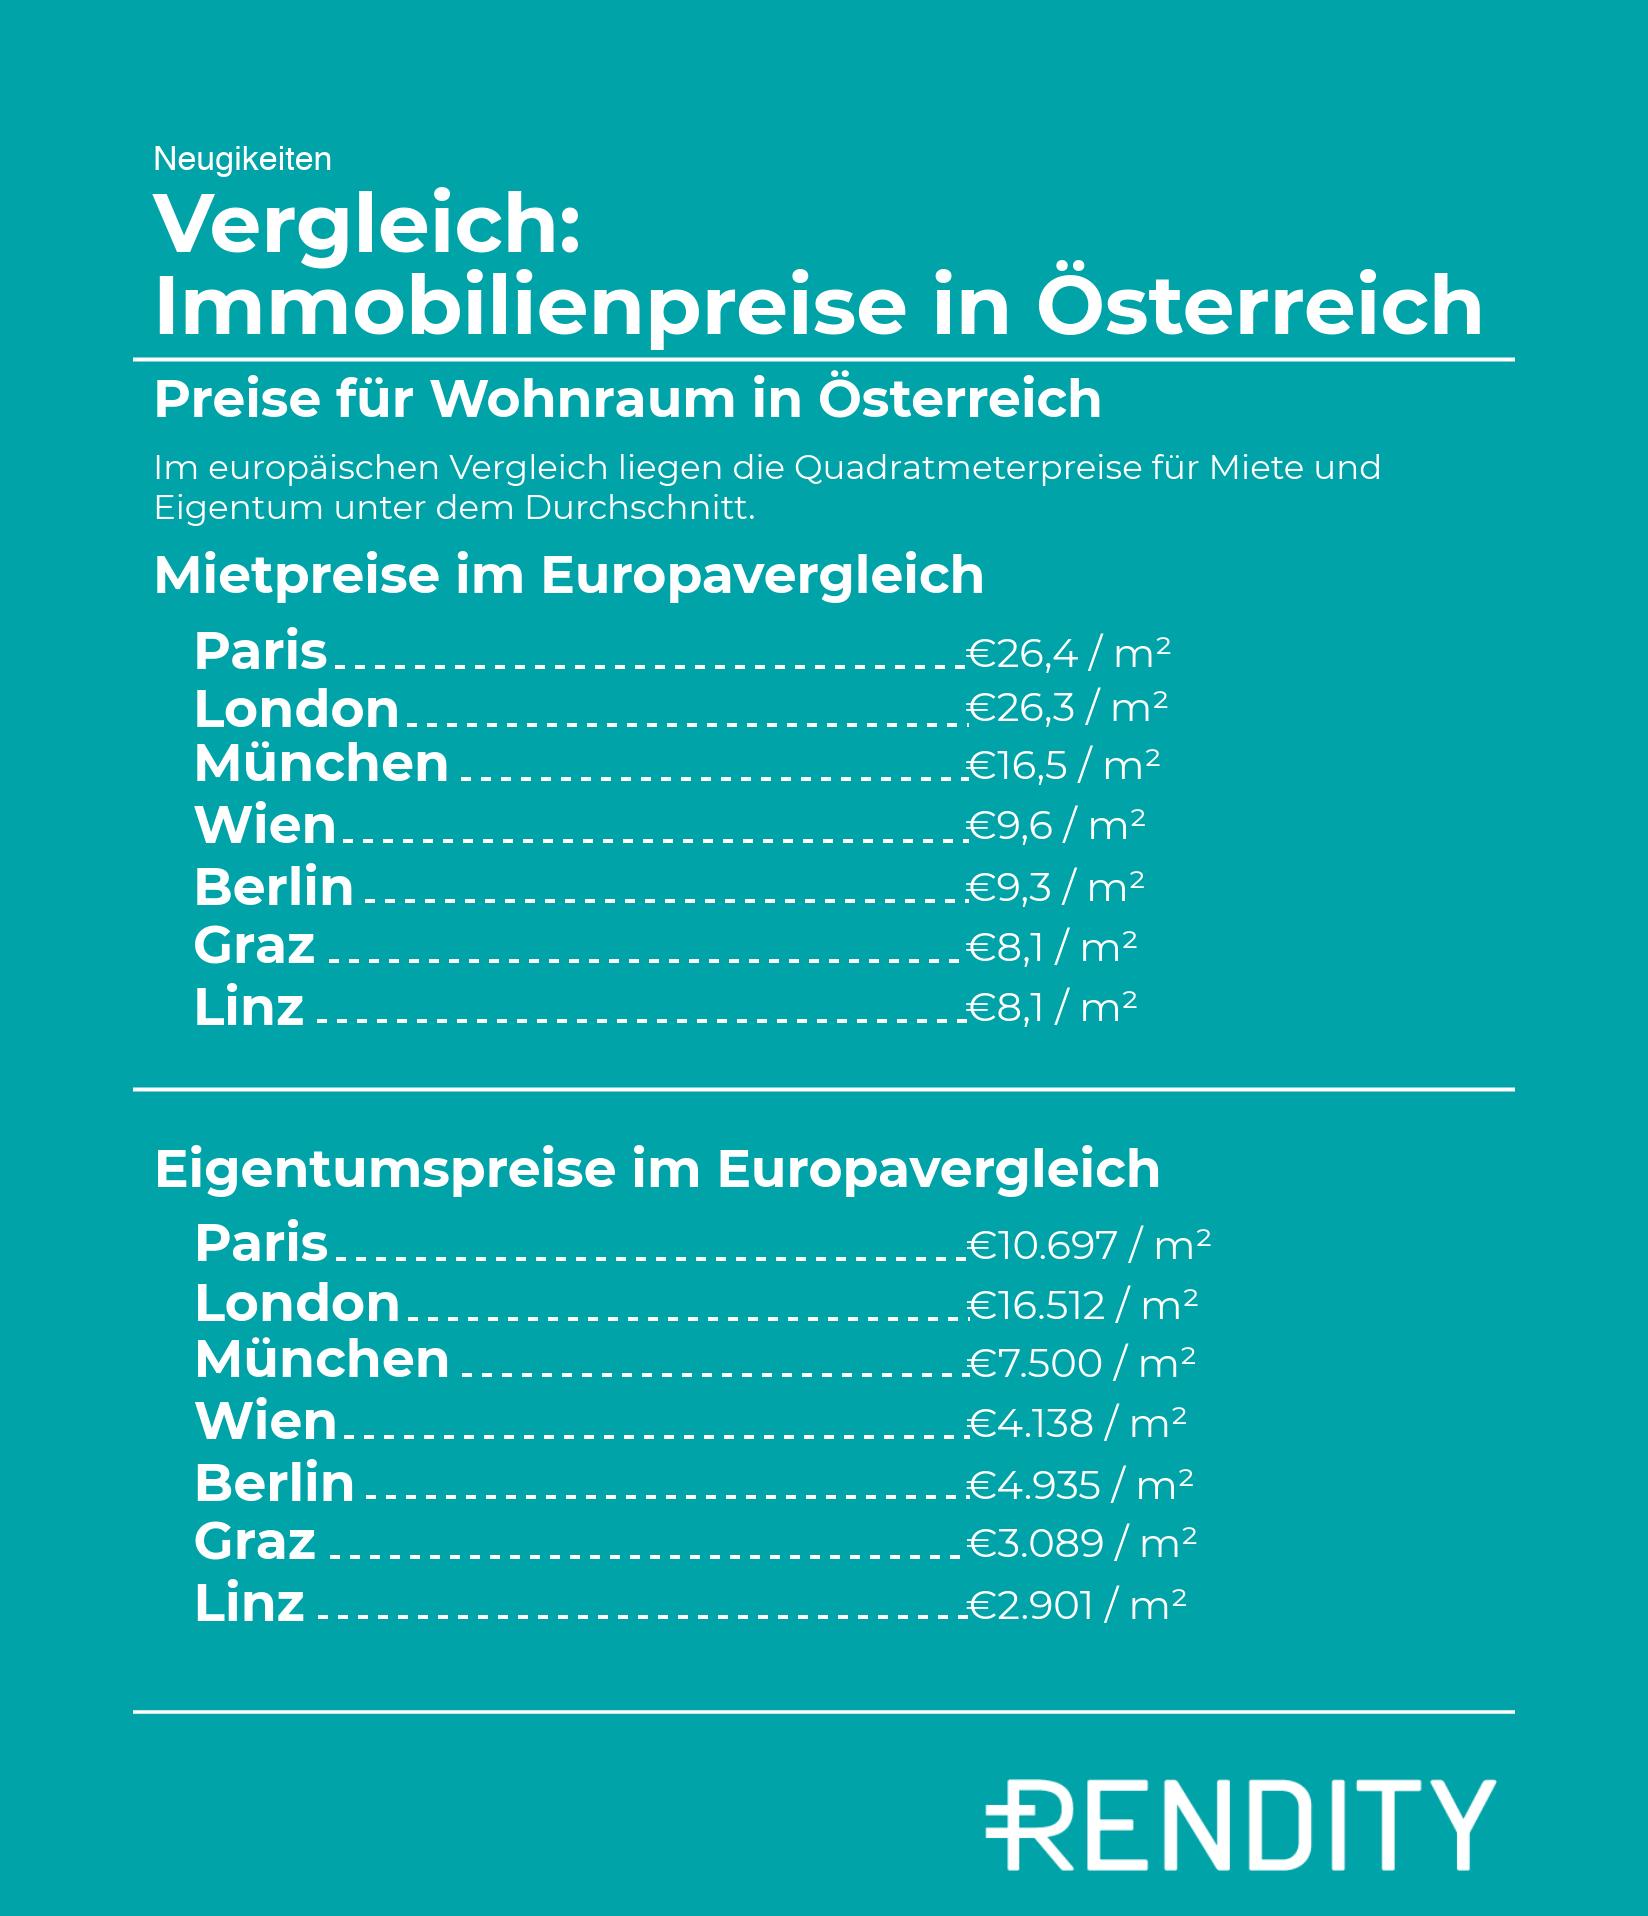 Mietpreise in Österreich - Vergleich Immobilienpreise